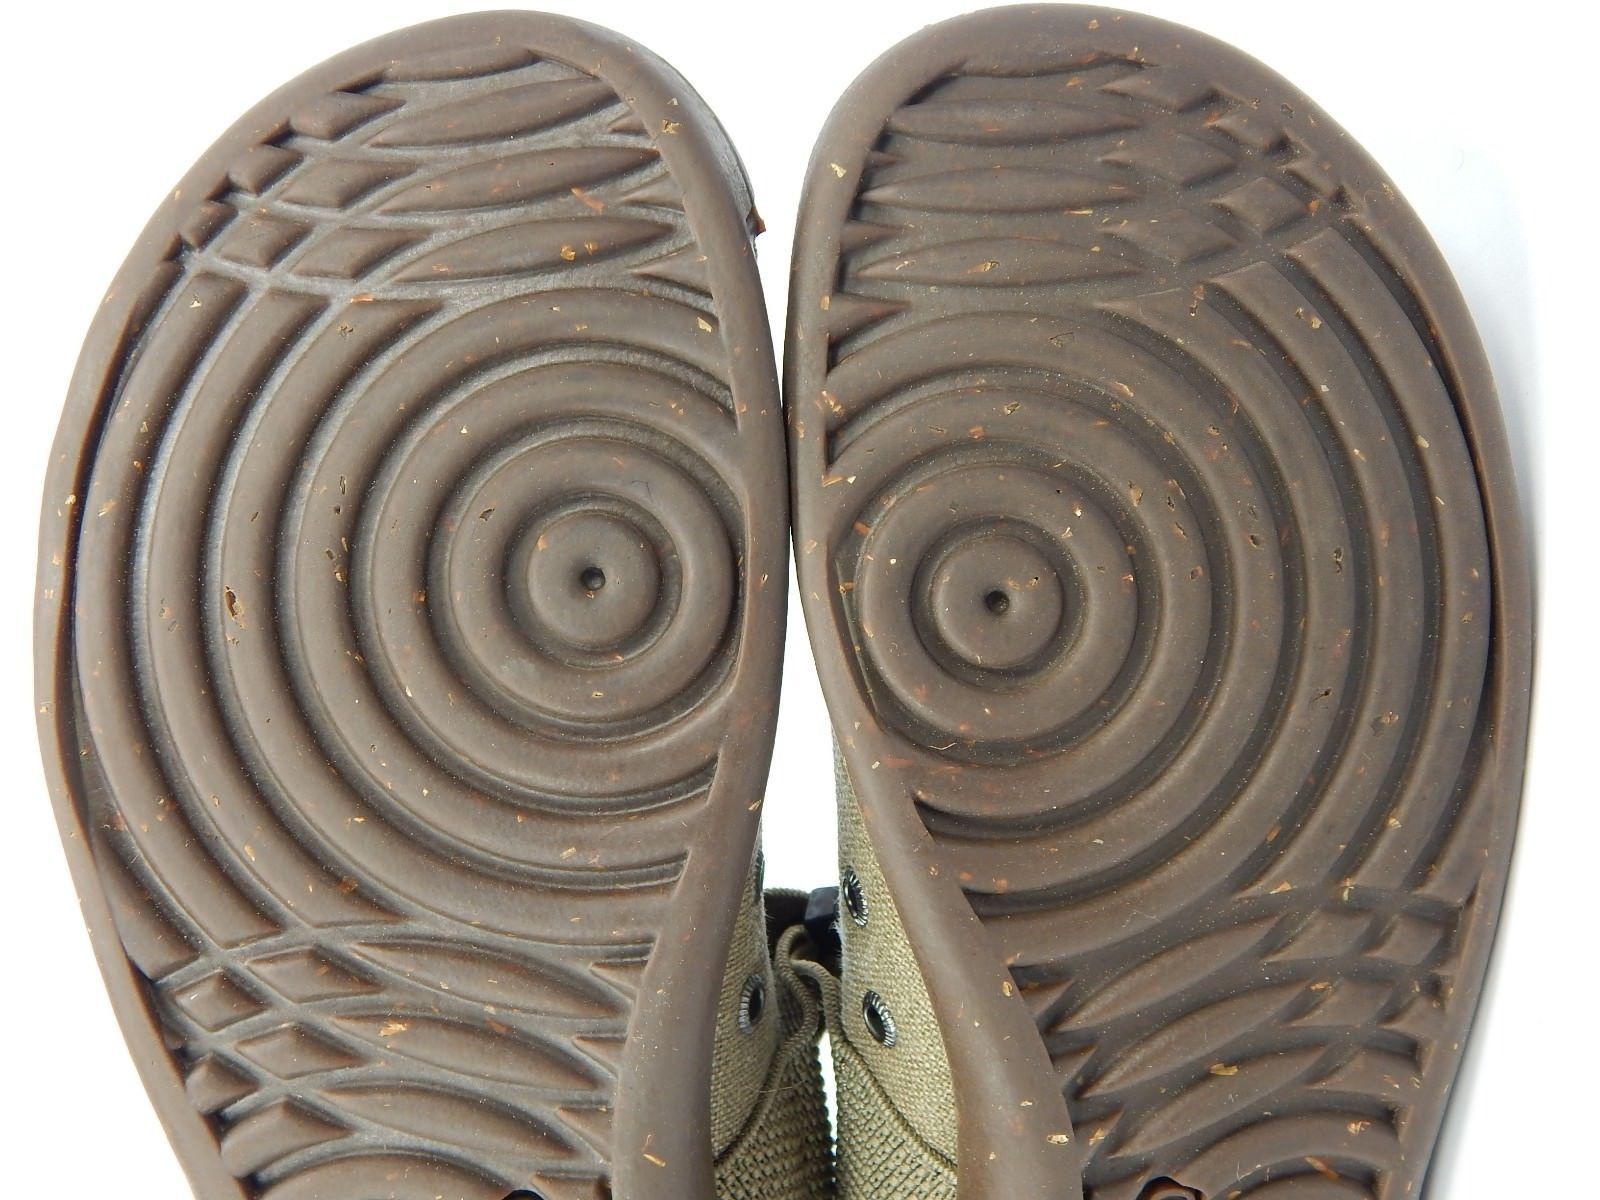 Keen Sienna Mary Jane Size US 8.5 M (B) EU 39 Women's Canvas Shoe Beige 1014217